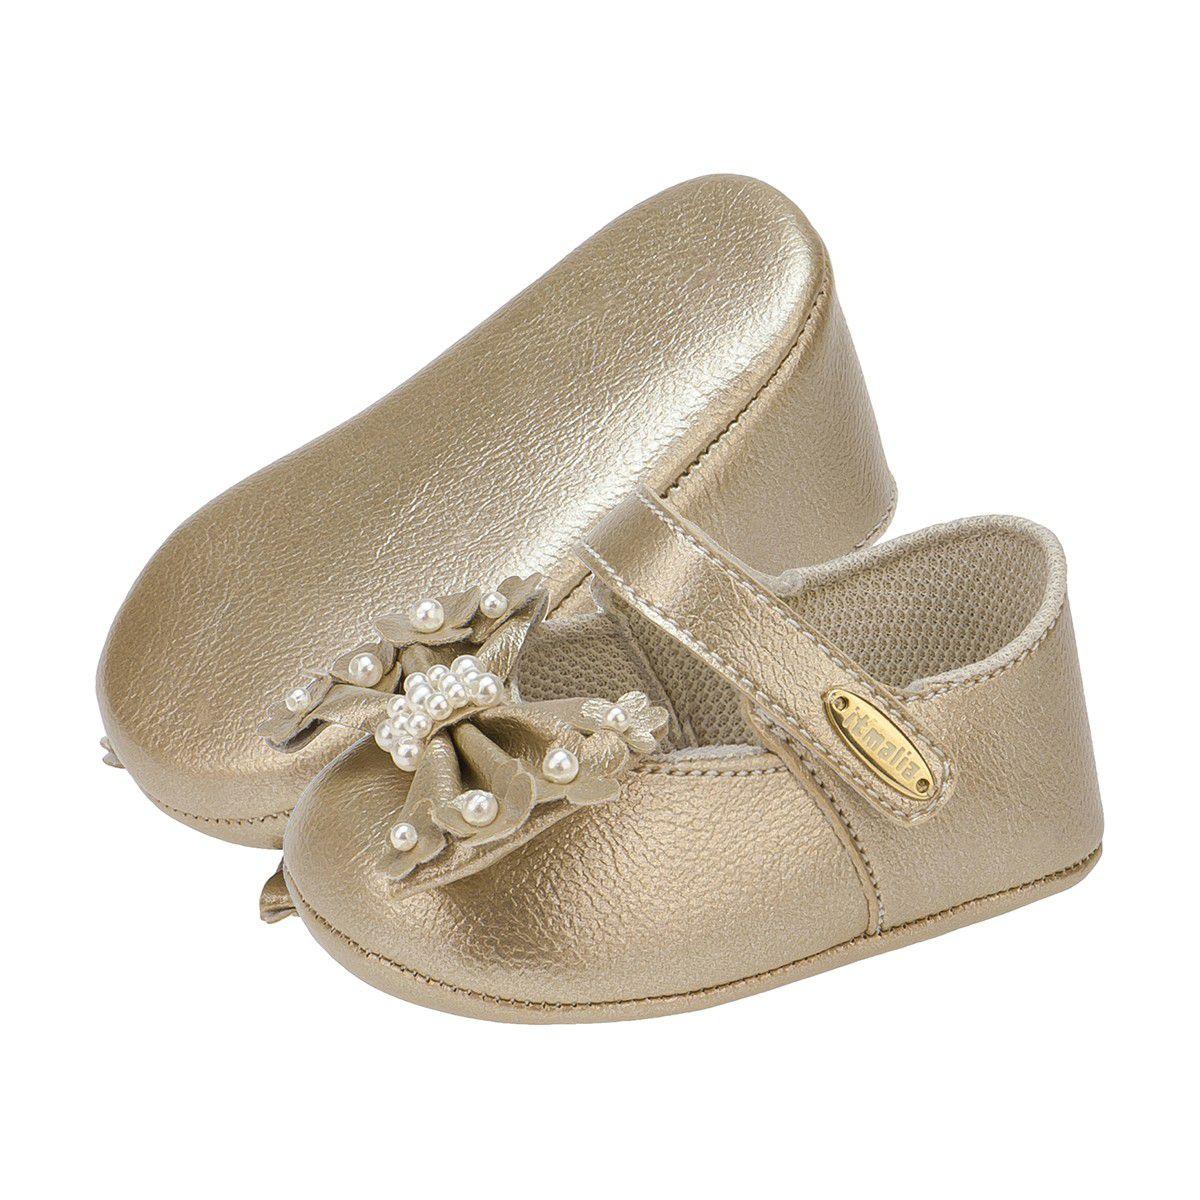 Sapatilha Bebê Menina Laço com Perolas Dourado - Itmalia